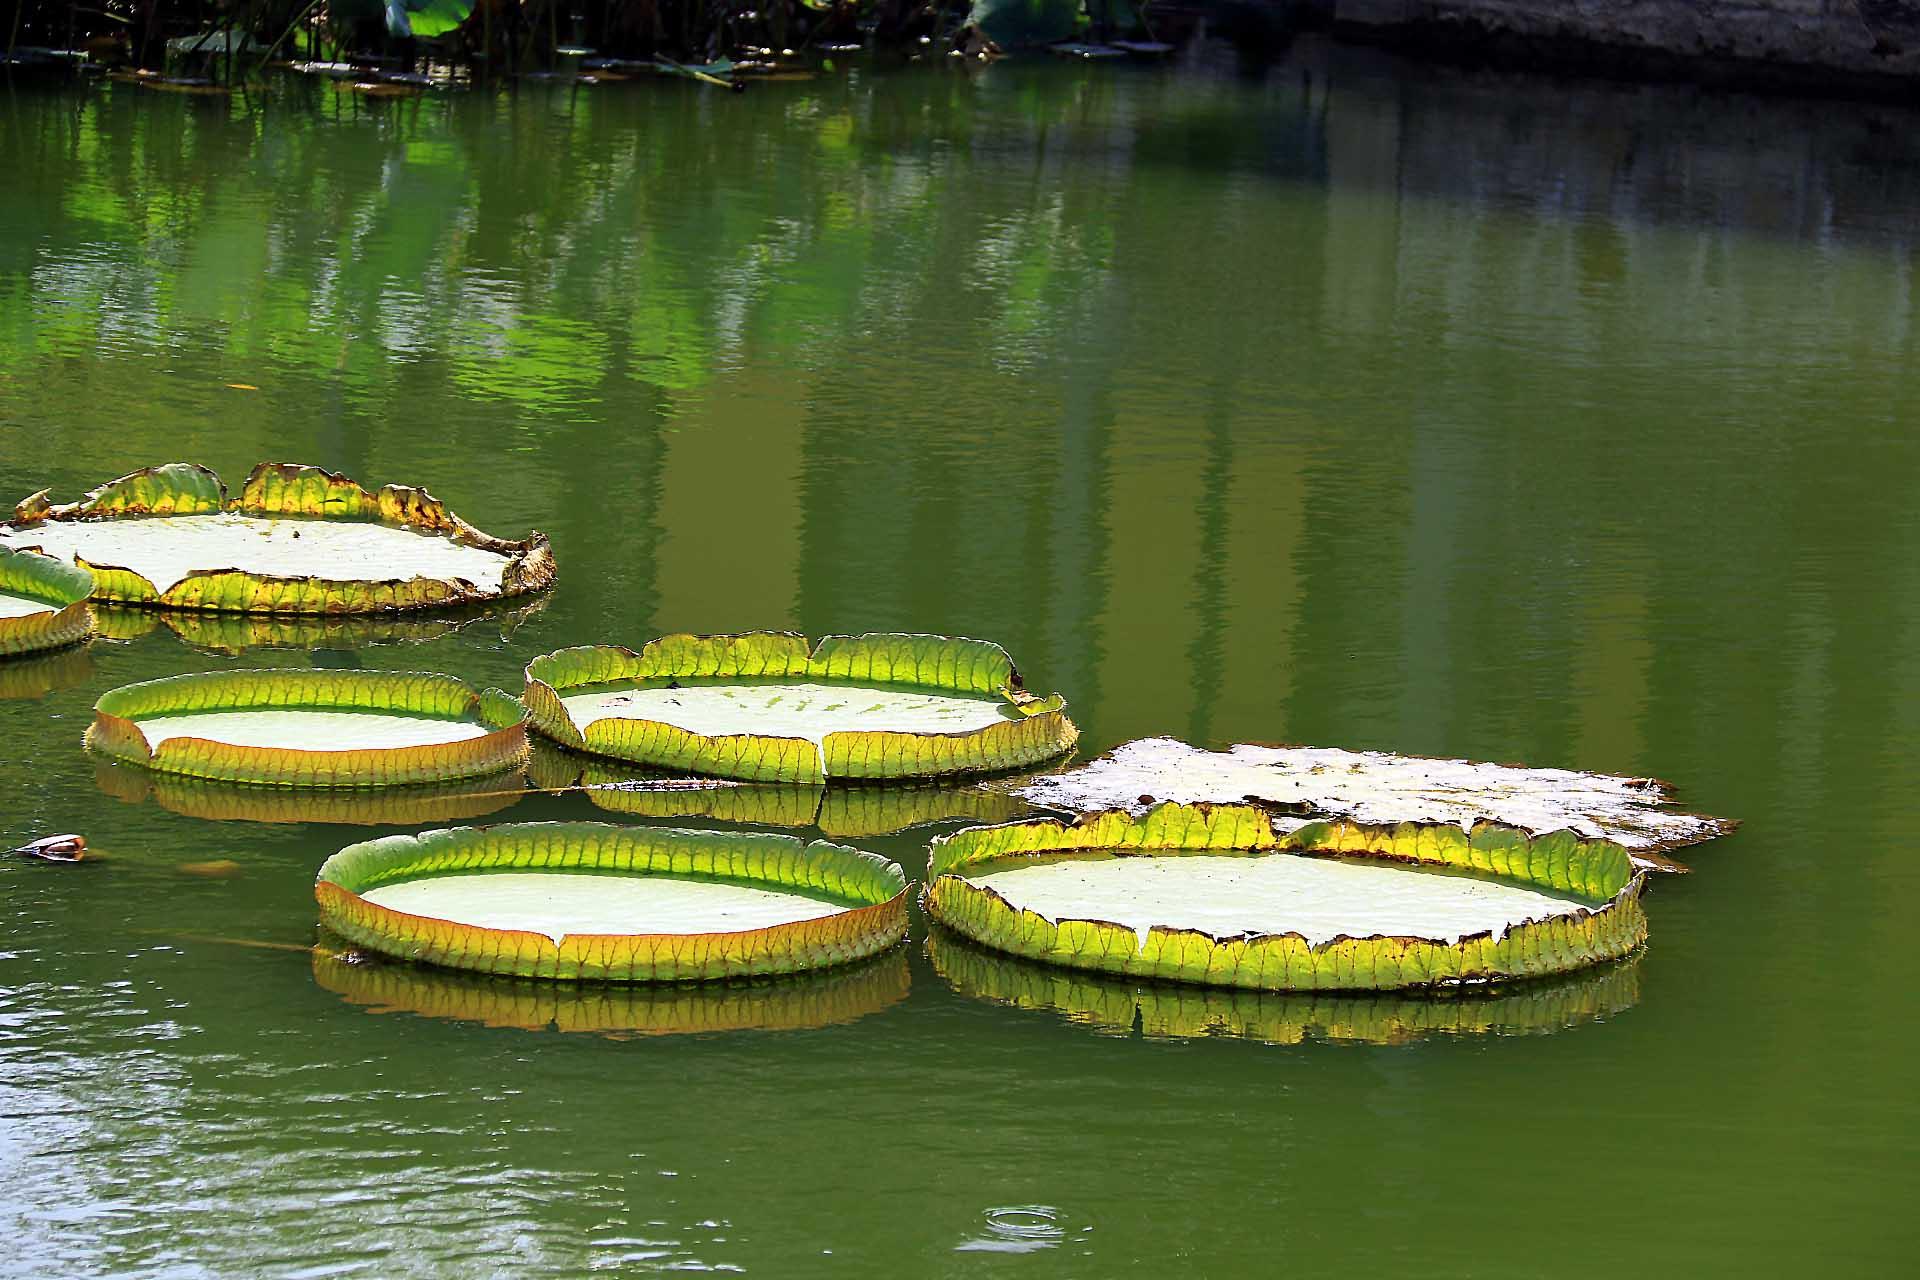 大王莲-此片十一黄金周拍于无锡太湖鼋头渚风景区